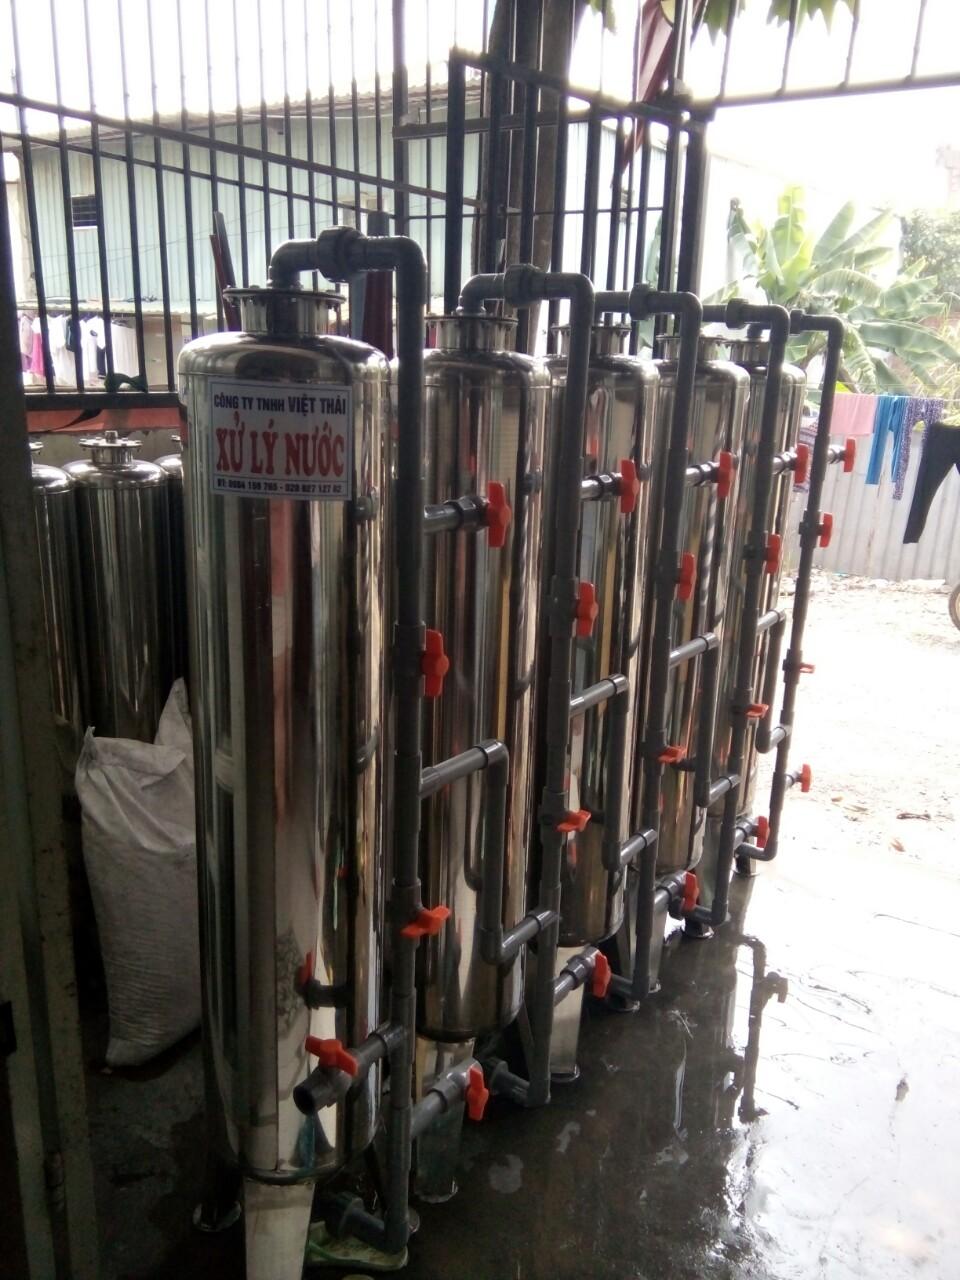 Hệ thống lọc nước nhiễm vôi với 5 cột lọc inox 304 cho sinh hoạt toàn thể gia đình.